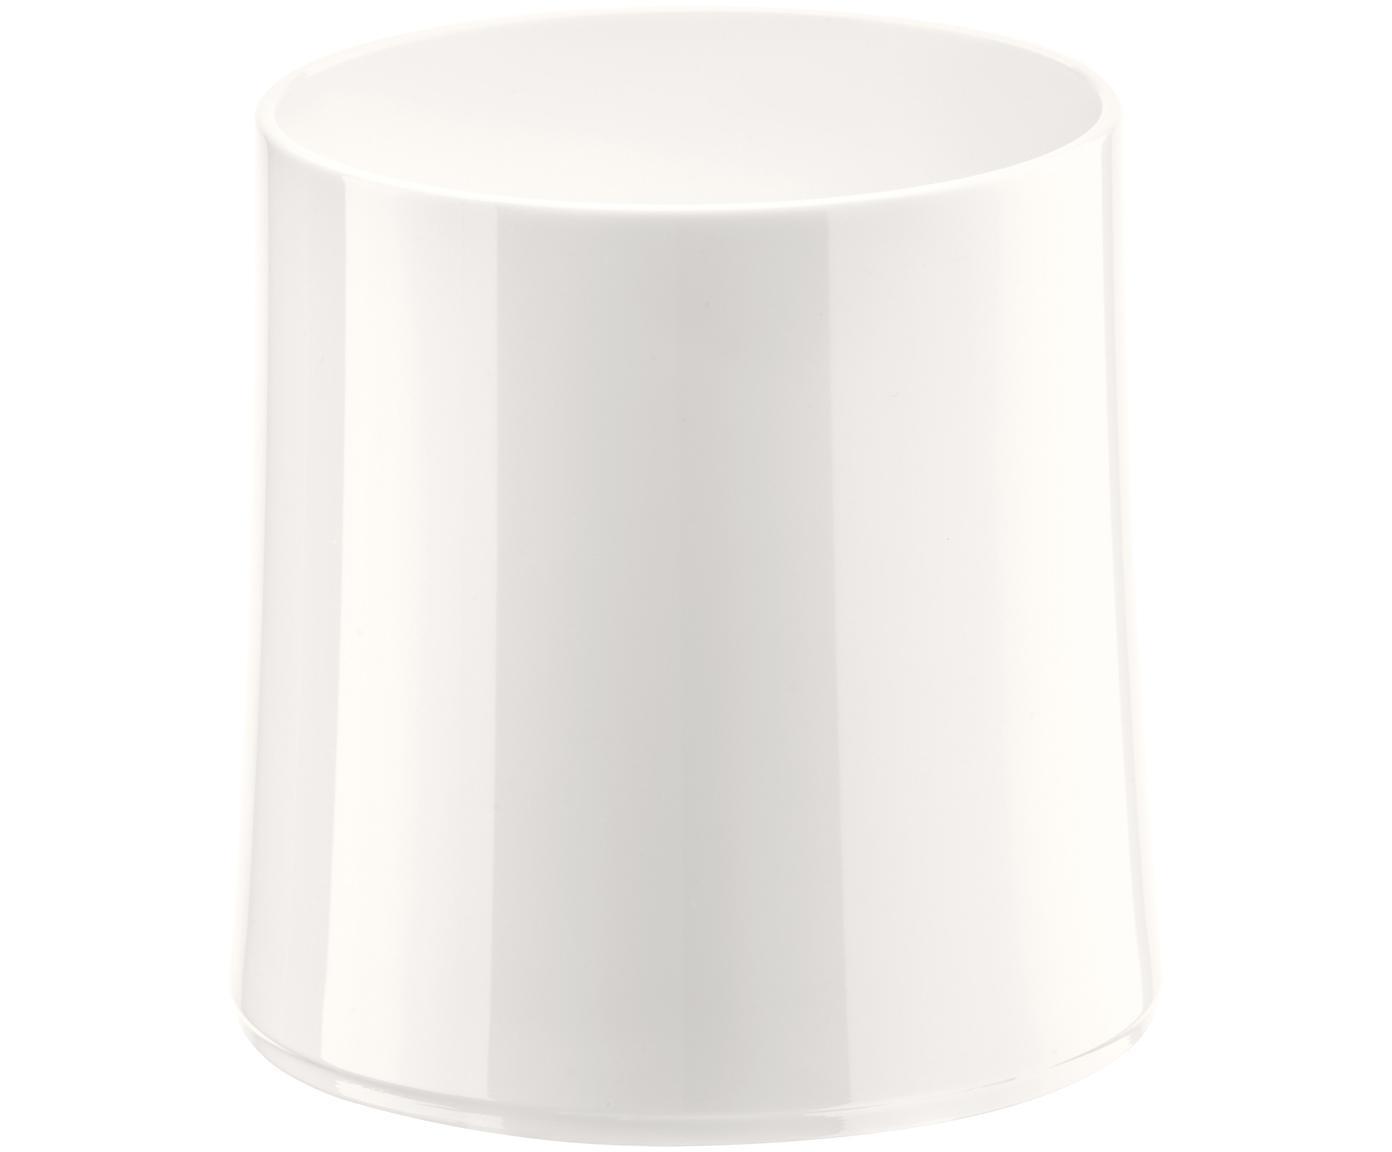 Vaso irrompible de plástico Cheers, Termoplástico (Superglass), Blanco brillante, Ø 9 x Al 9 cm